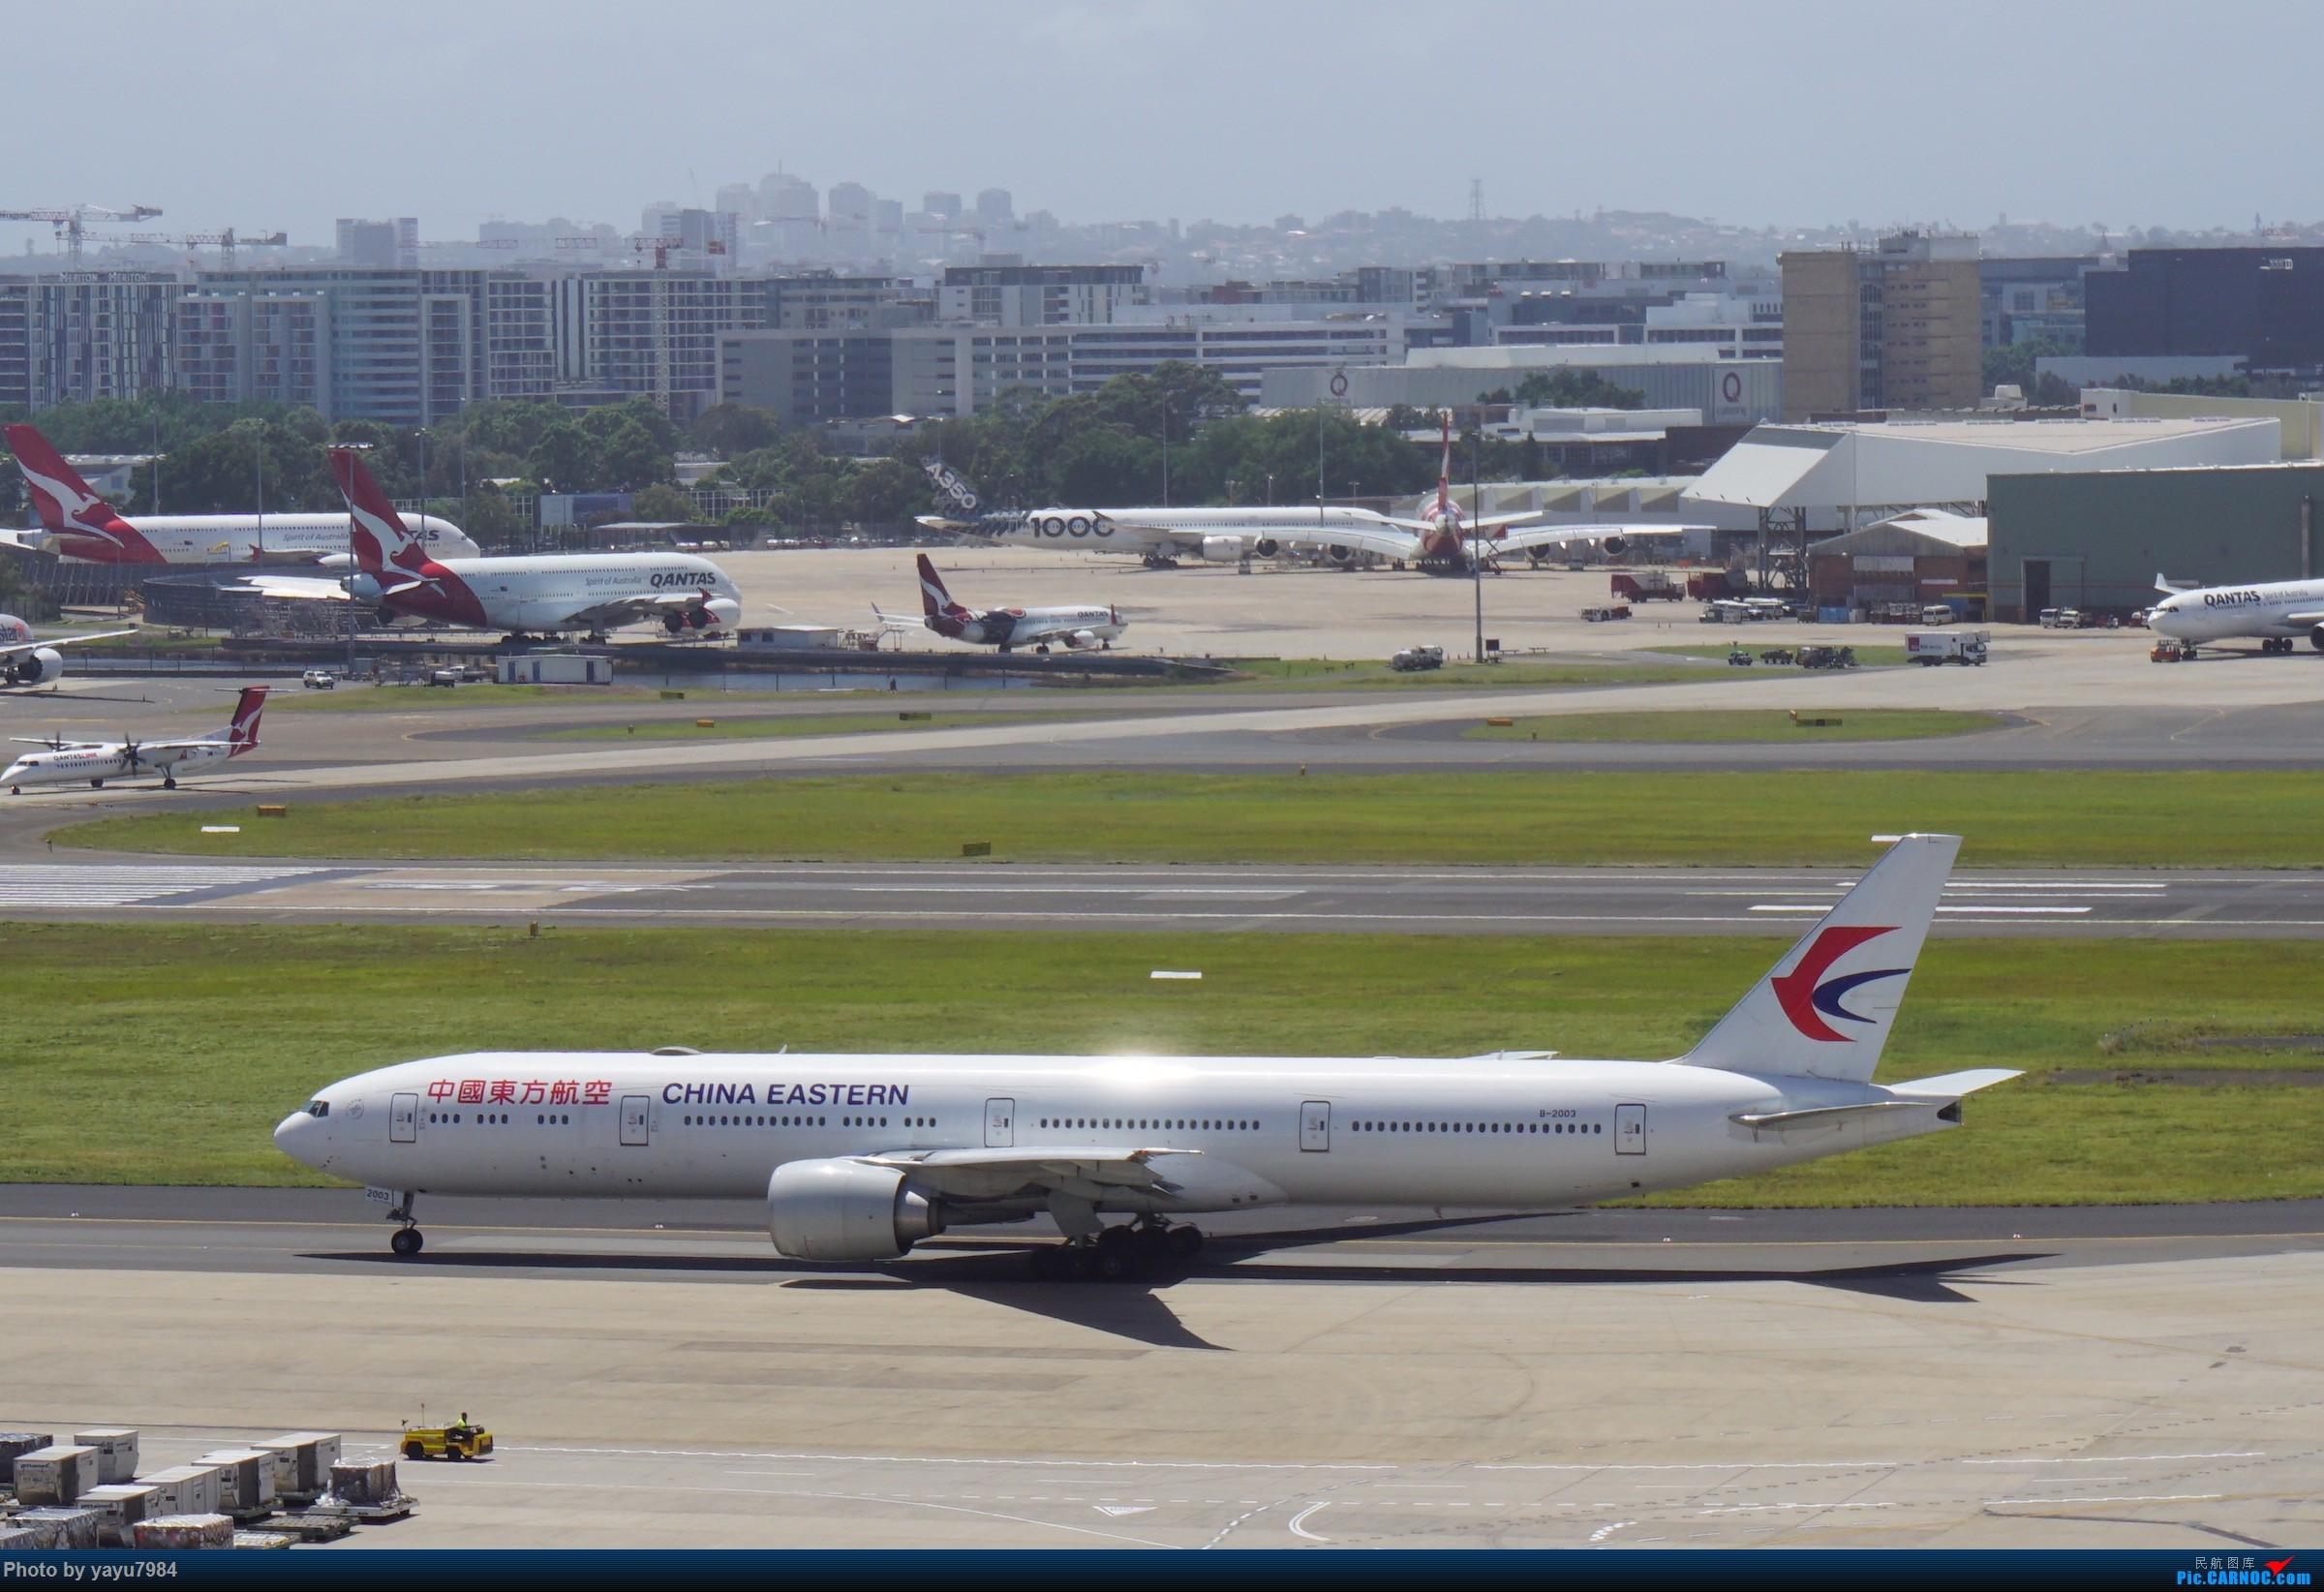 Re:[原创][SYD] 停车楼顶看宽体 BOEING 777-300ER B-2003 澳大利亚悉尼金斯福德·史密斯机场